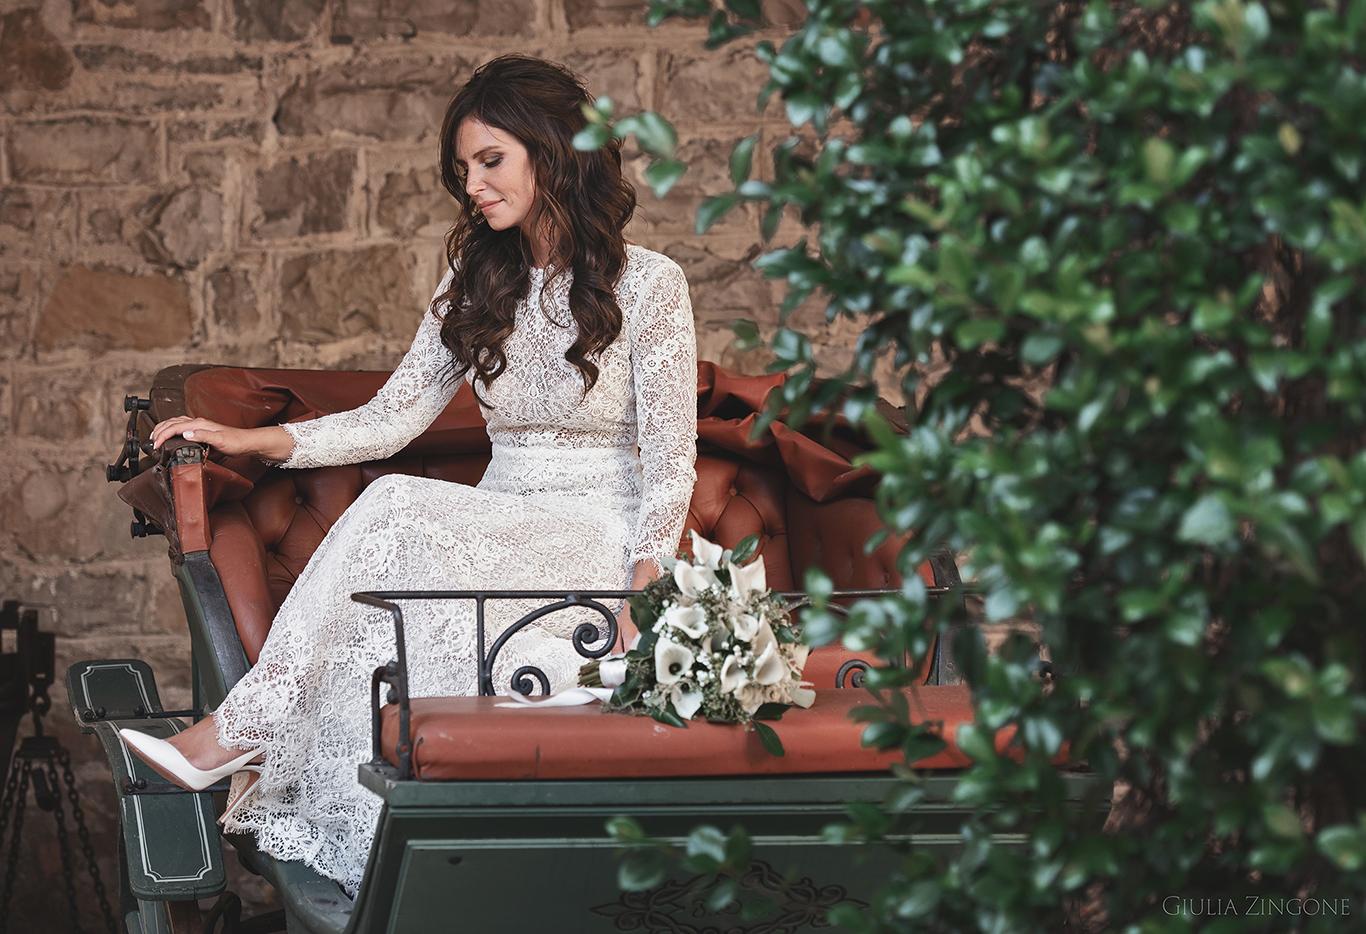 lavorare come fotografo di matrimonio alle baronesse tacco destination wedding photographer hochzeit in friaul mi regala sempre grandi emozioni